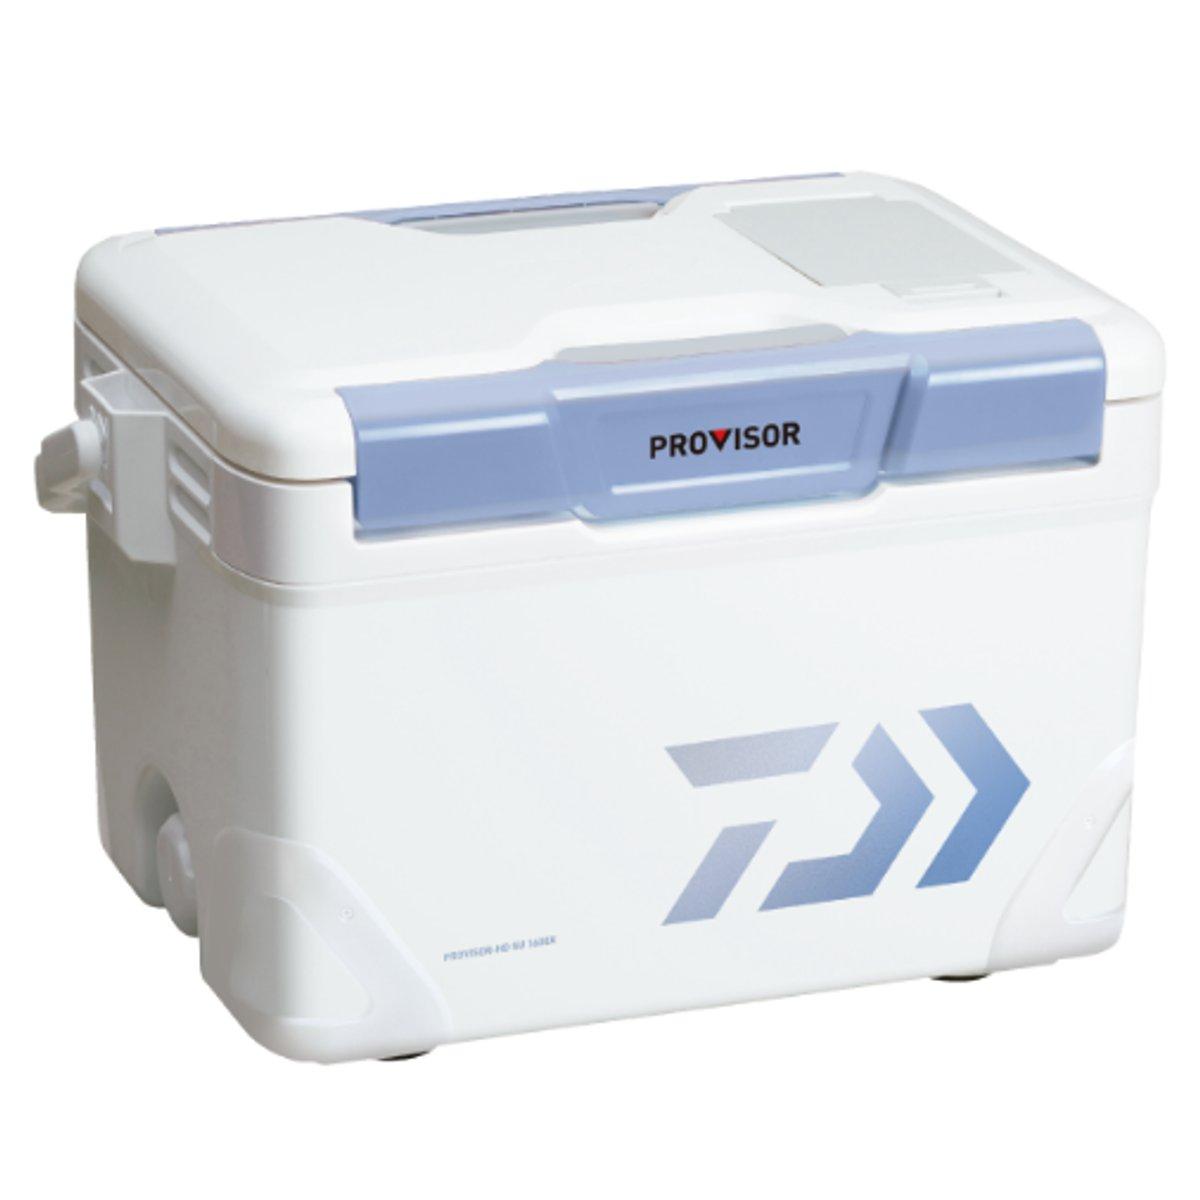 ダイワ プロバイザー HD SU 1600X アイスブルー クーラーボックス(東日本店)【同梱不可】